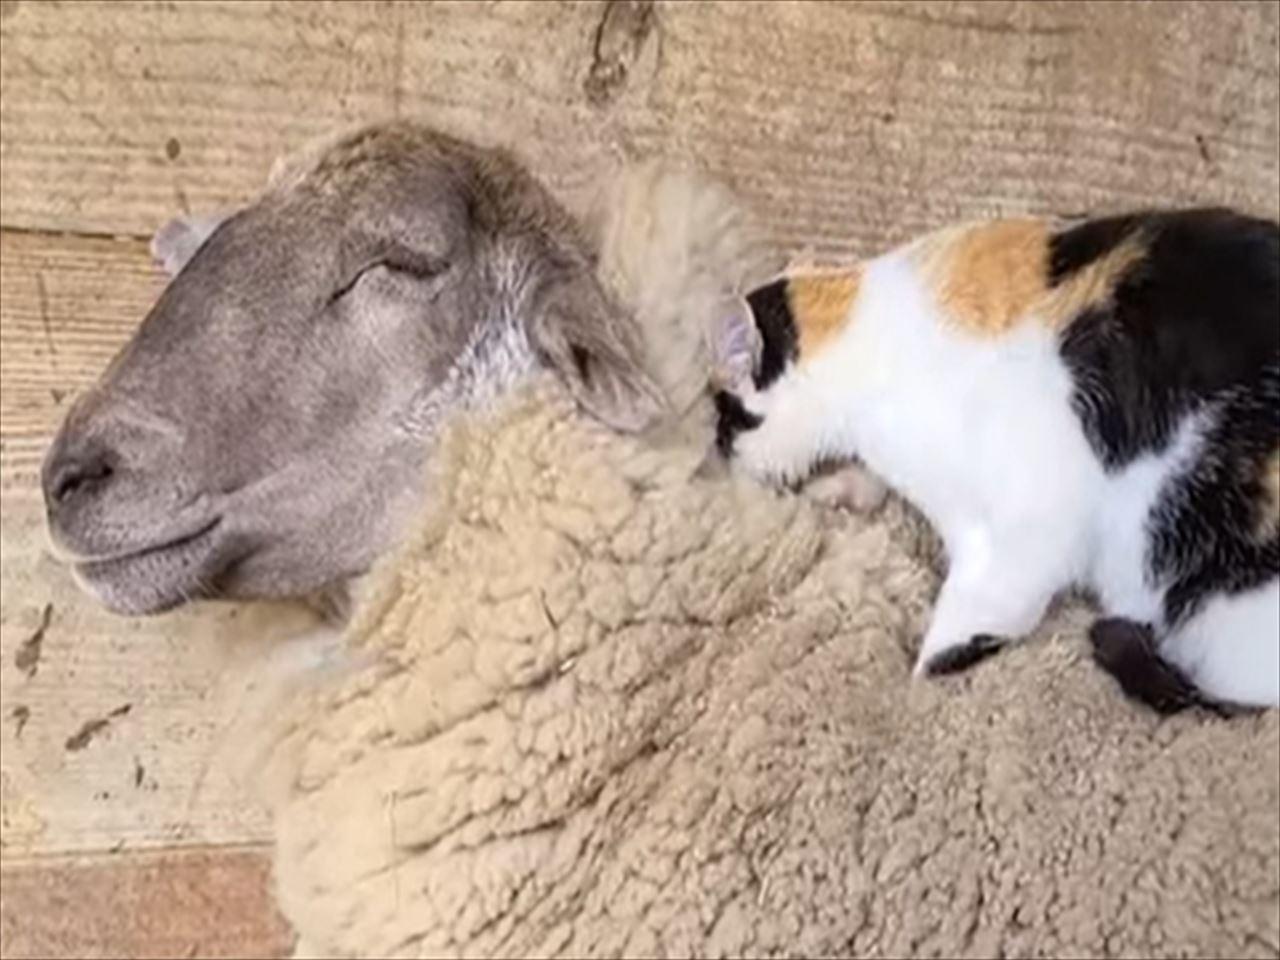 「いつも背中をベッドにしてるからマッサージするね!」羊と猫の仲良しの関係が素敵!